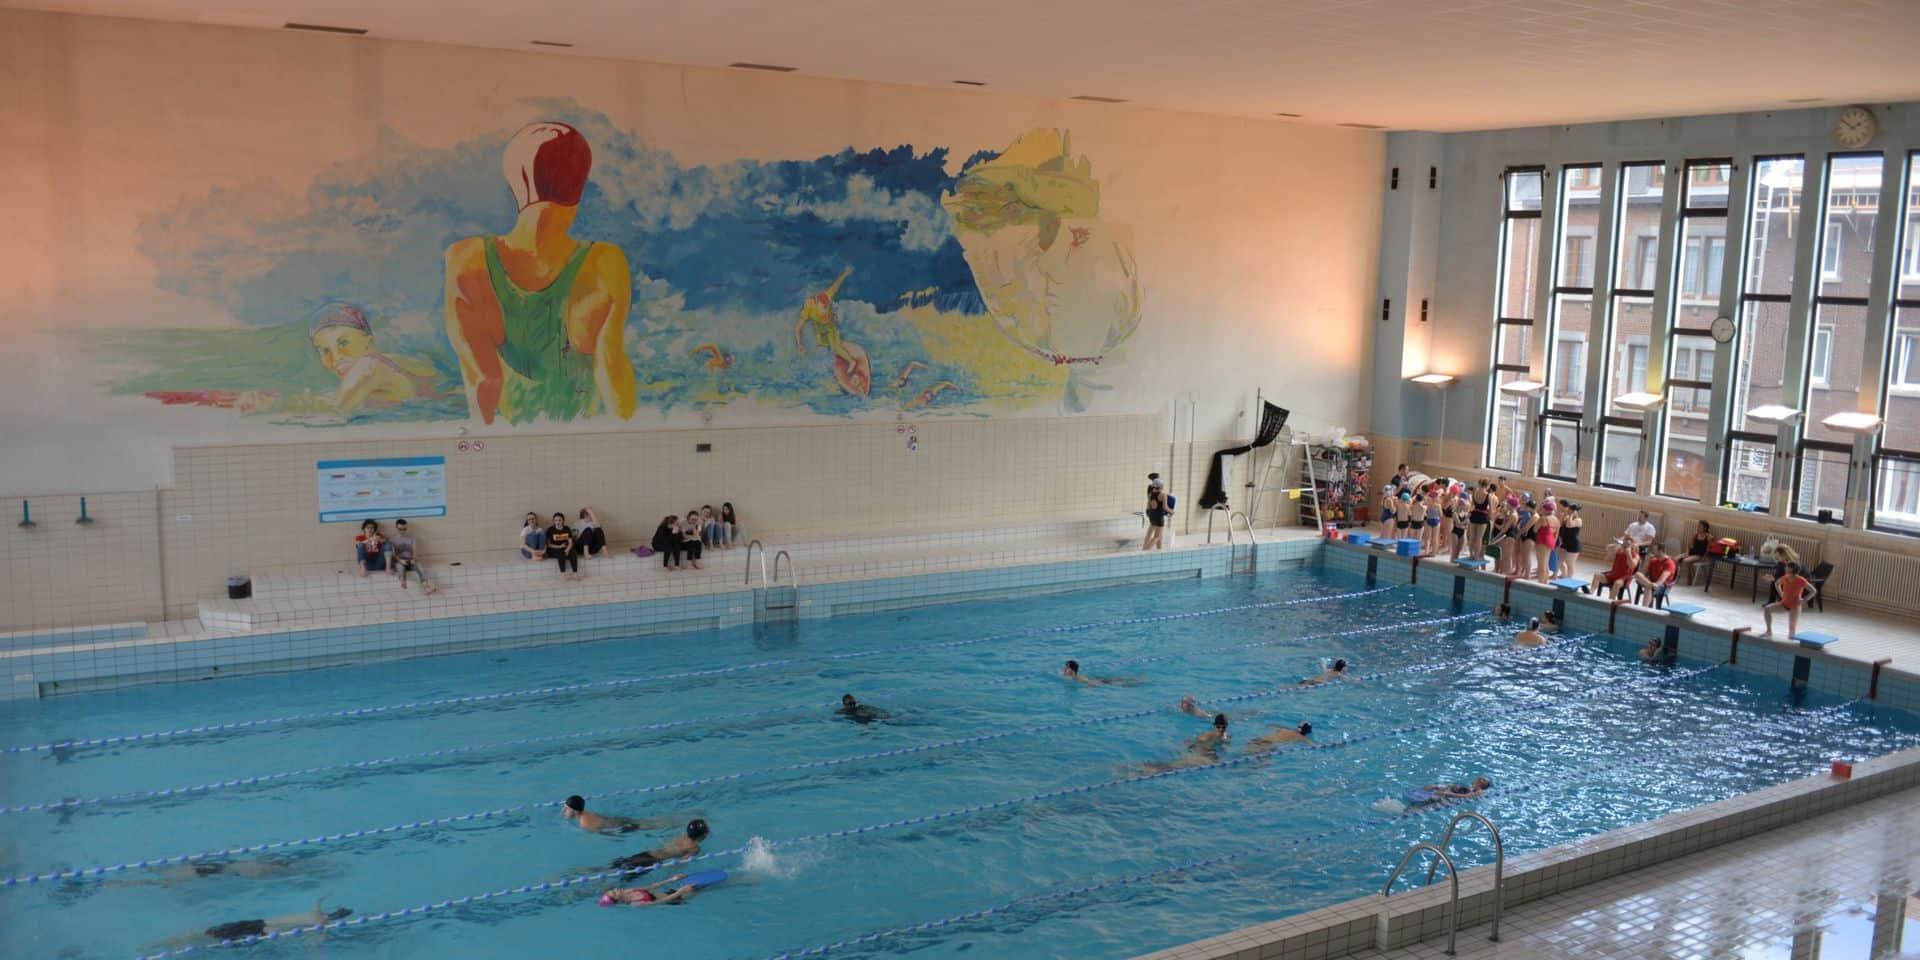 Les piscines namuroises accessibles uniquement sur rendez-vous jusqu'à fin décembre